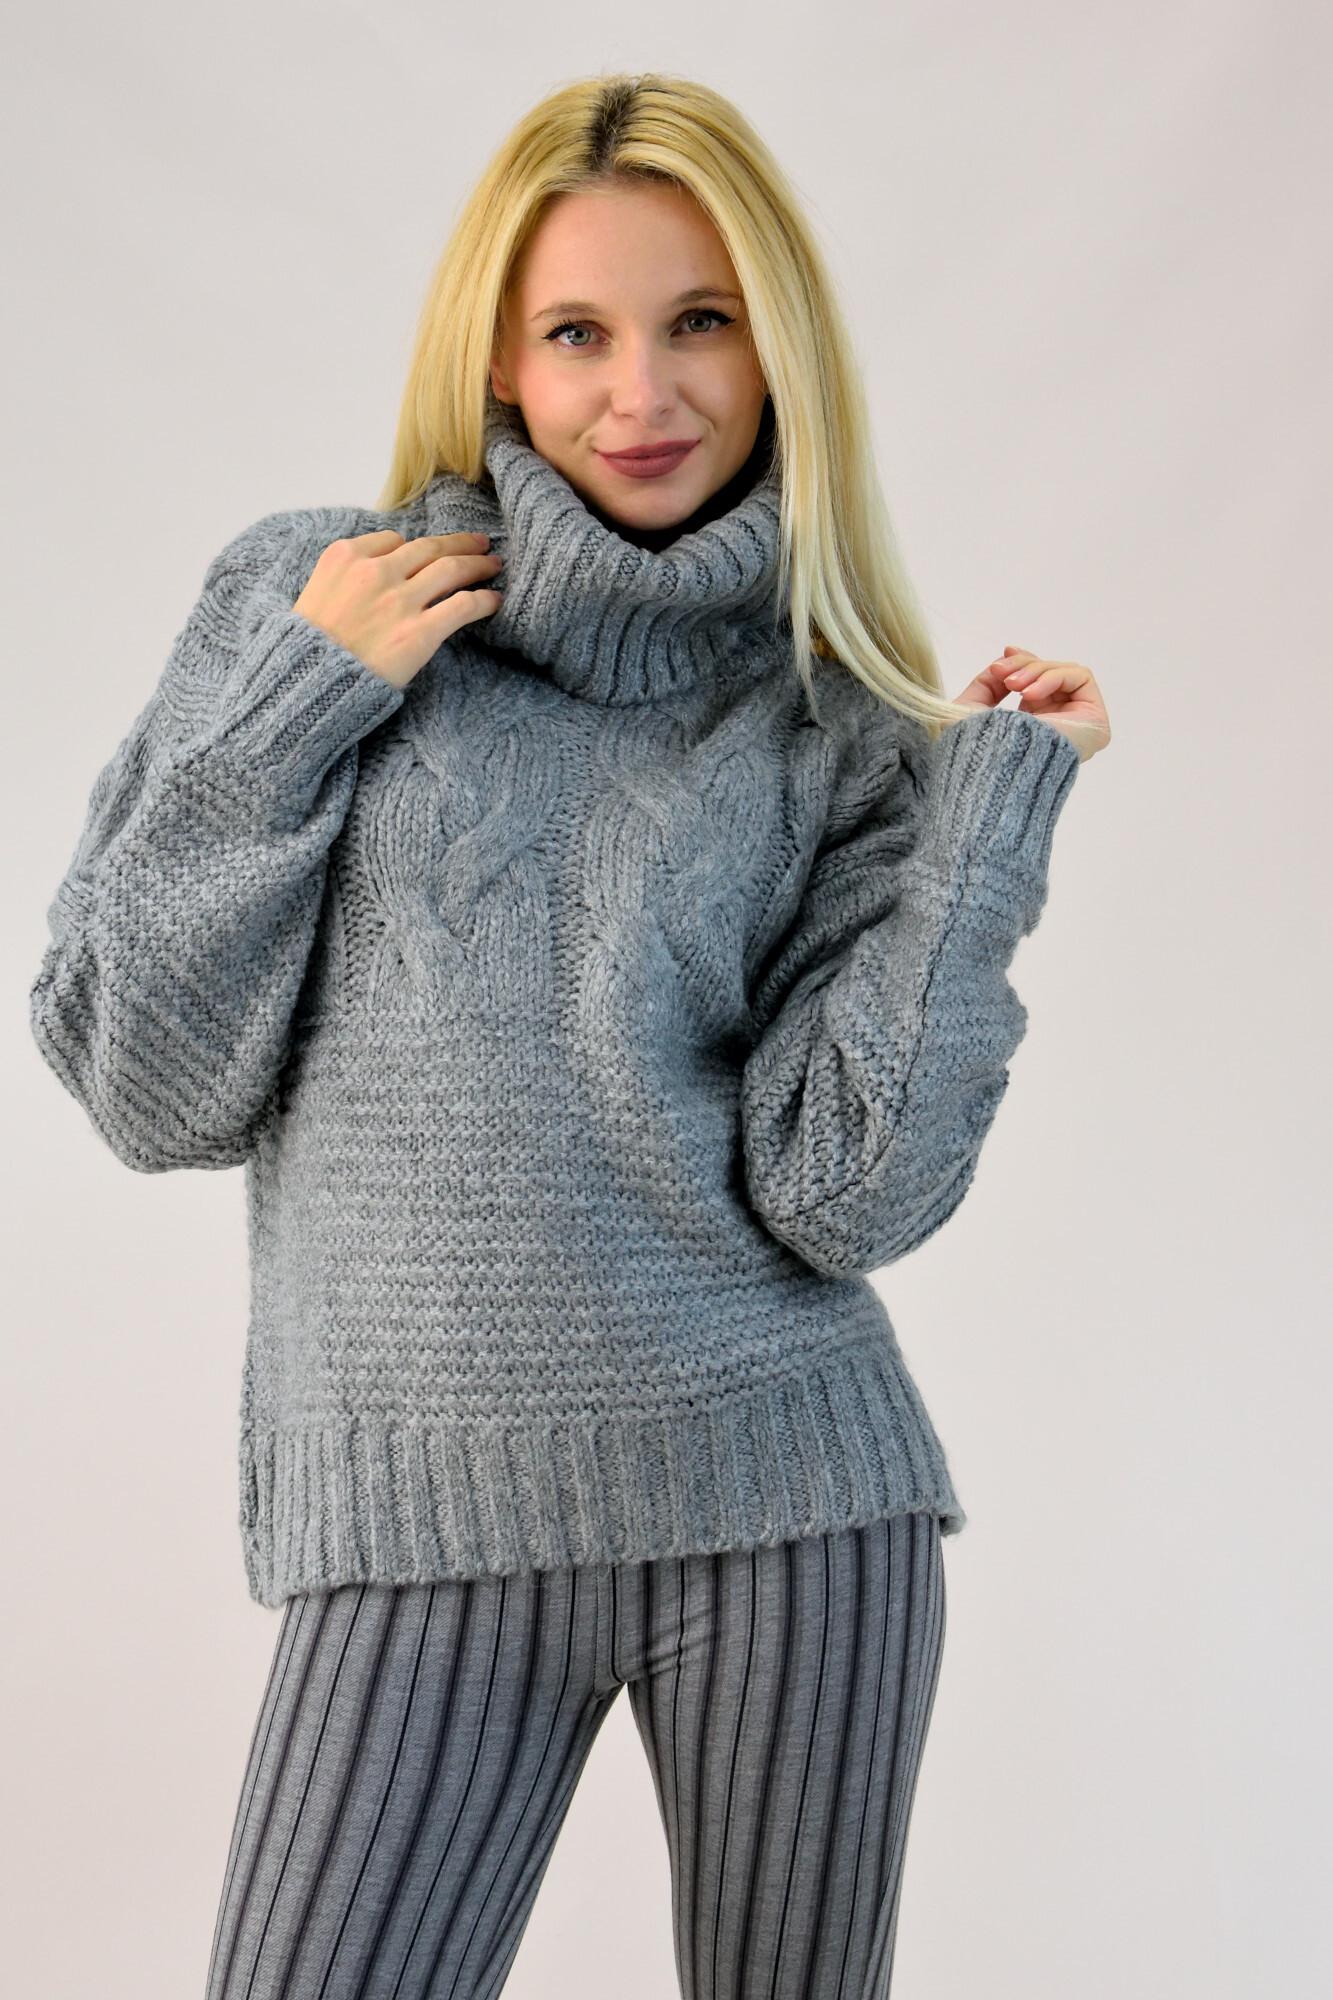 a746bed8bce0 Γυναικείο πουλόβερ με μεγάλο λαιμό